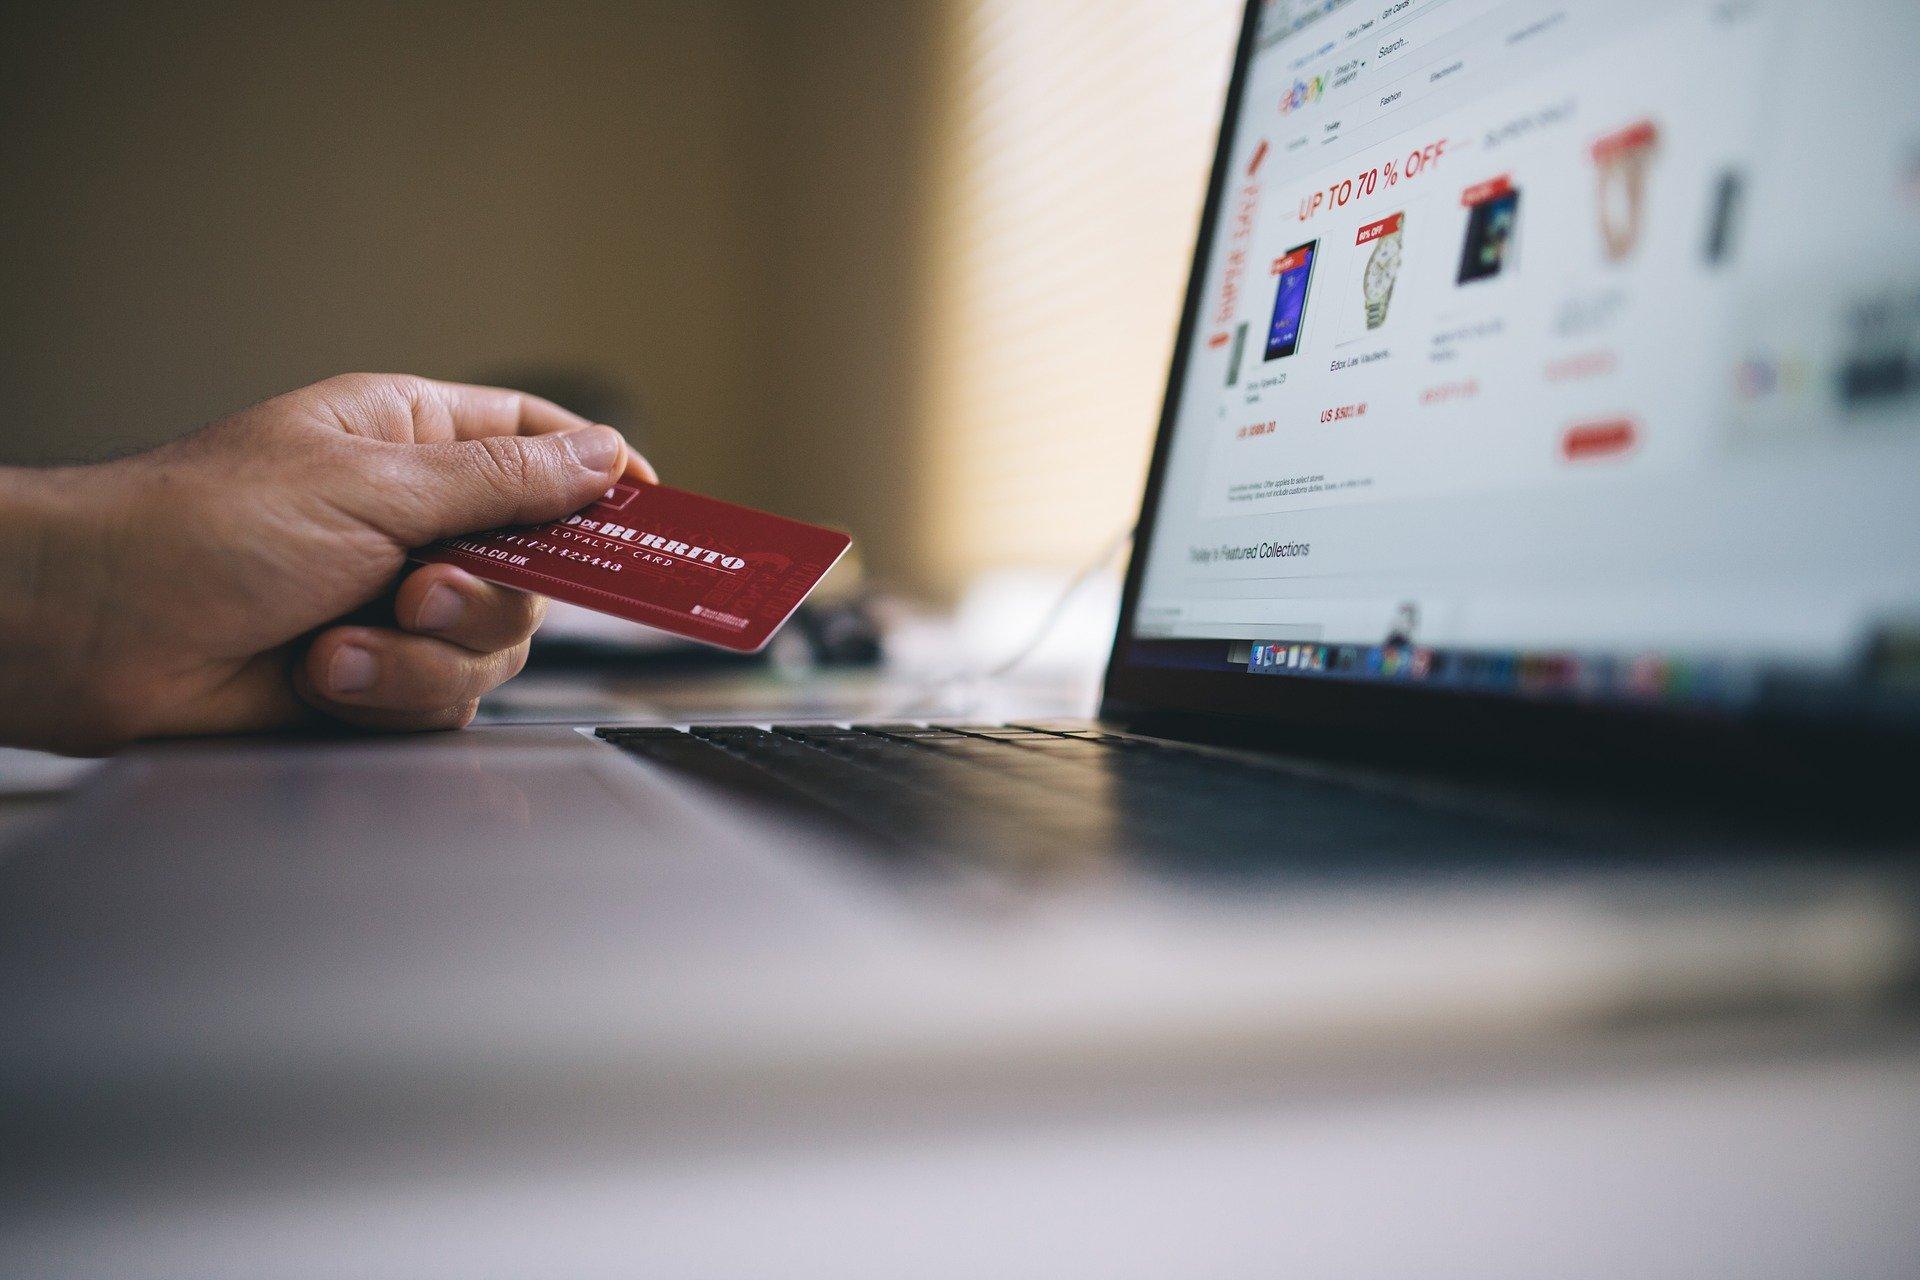 Come avviare un e-commerce ed iniziare a vendere.